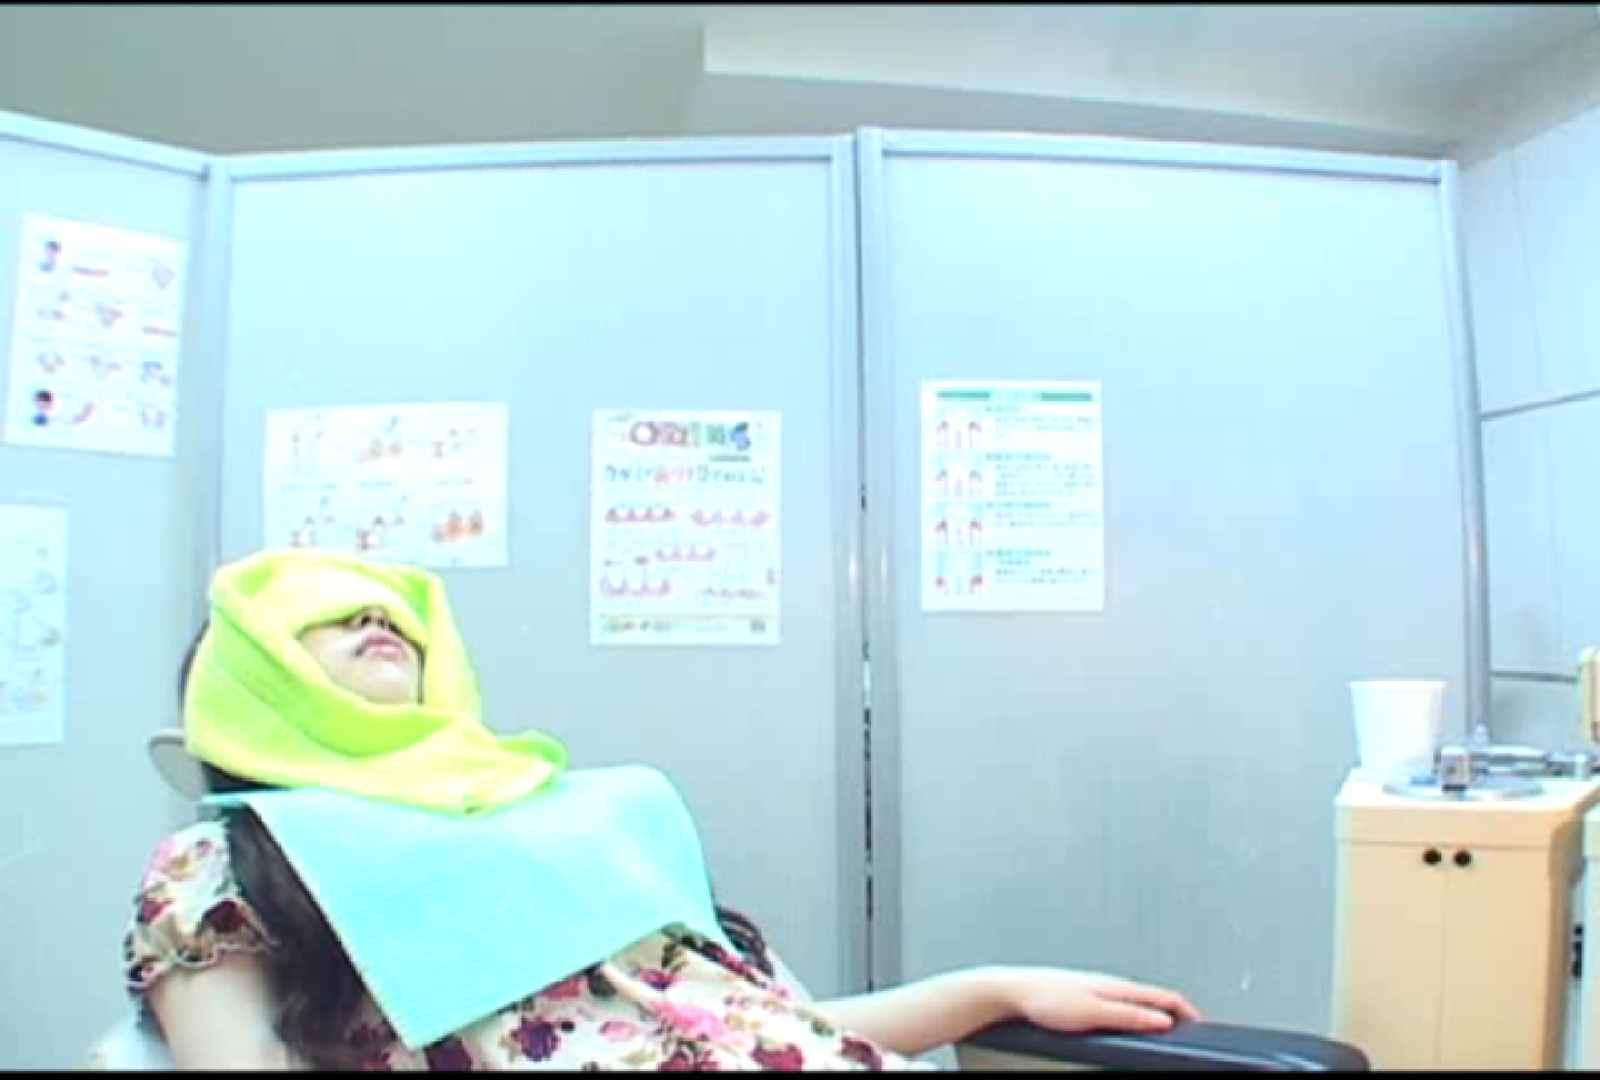 看護師が流出させた歯科医院接写パンツVol.7 OLの実態   パンツ大放出  59pic 58